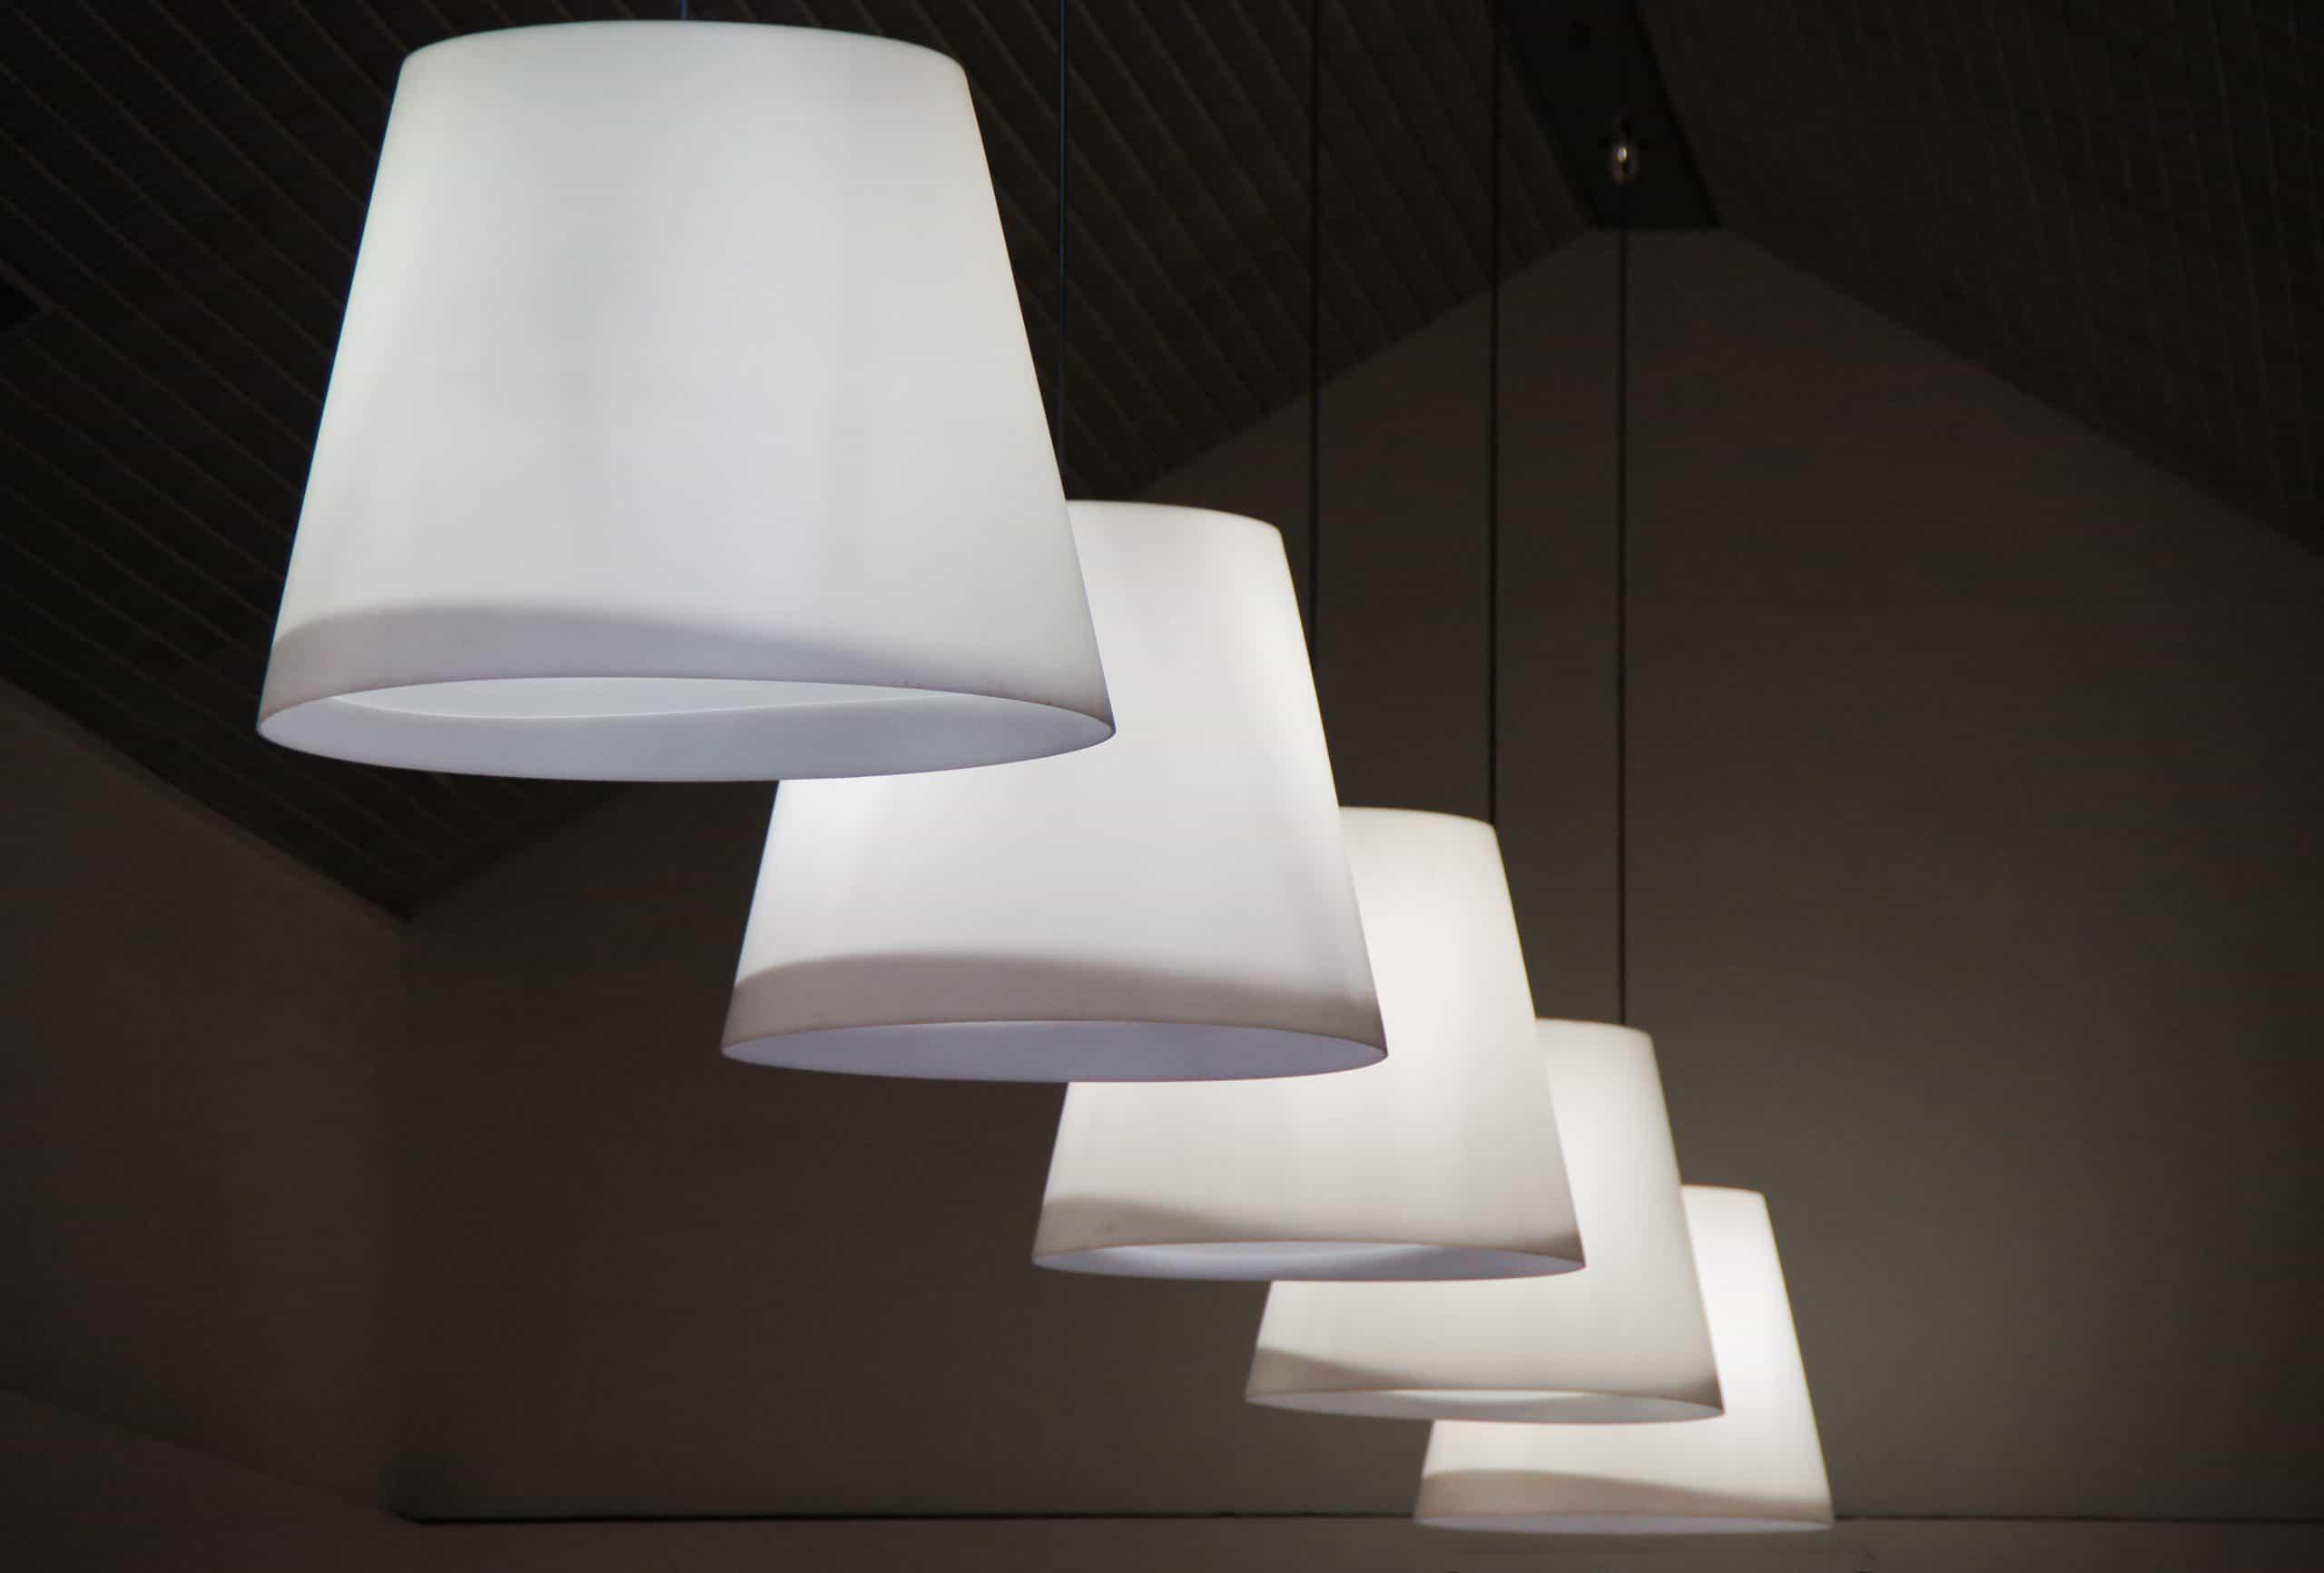 תאורה מומלצת עיצוב תאורה